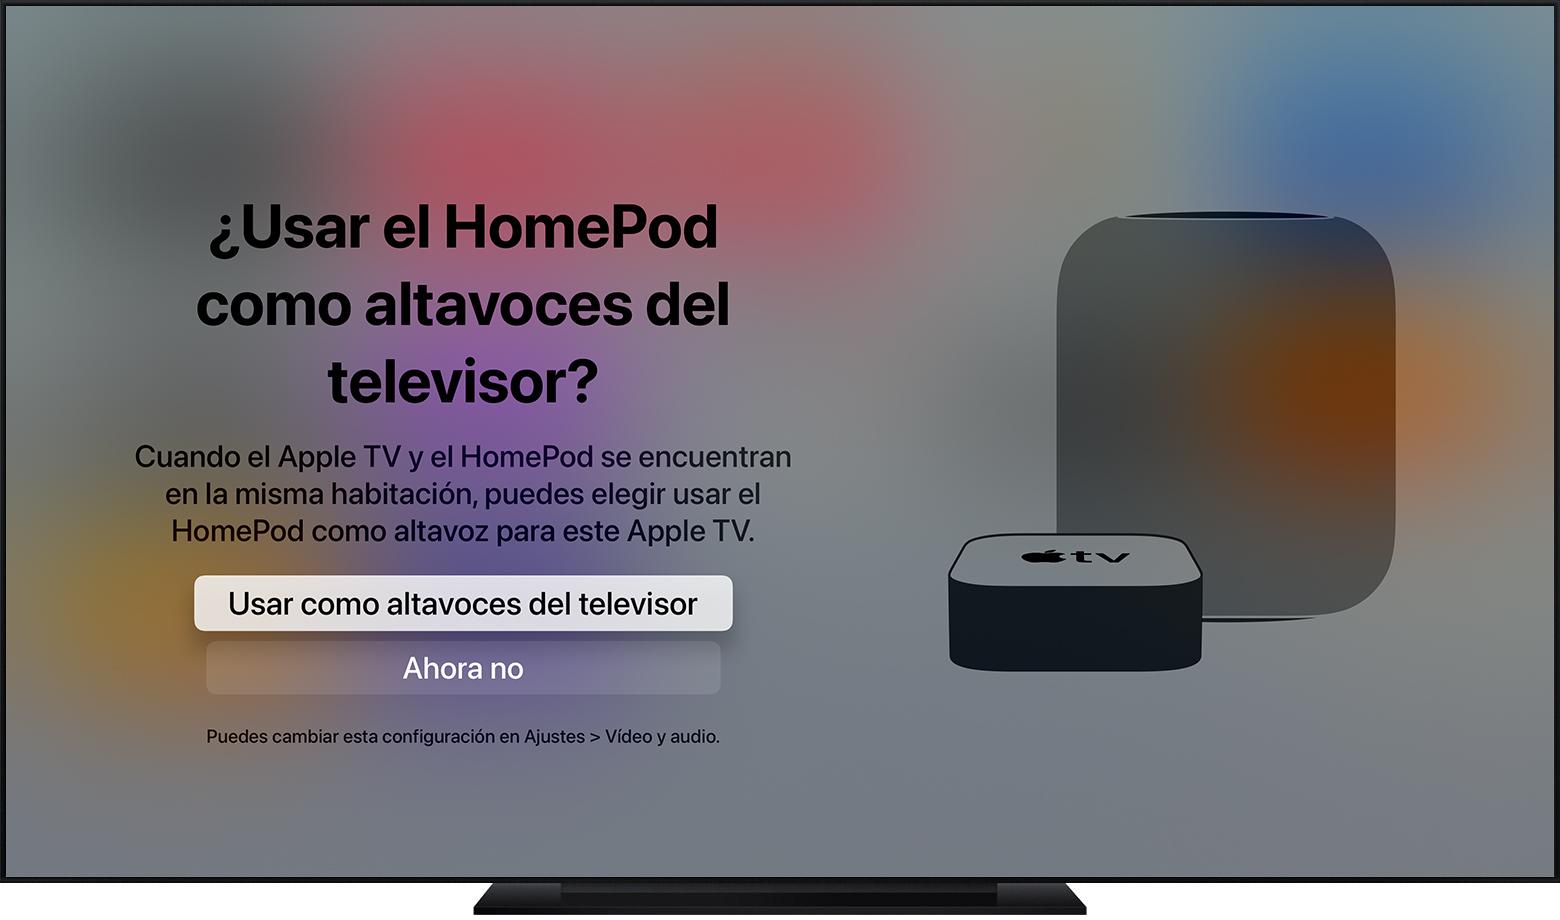 Captura de pantalla de tvOS que muestra el mensaje para usar HomePod como altavoz del televisor.